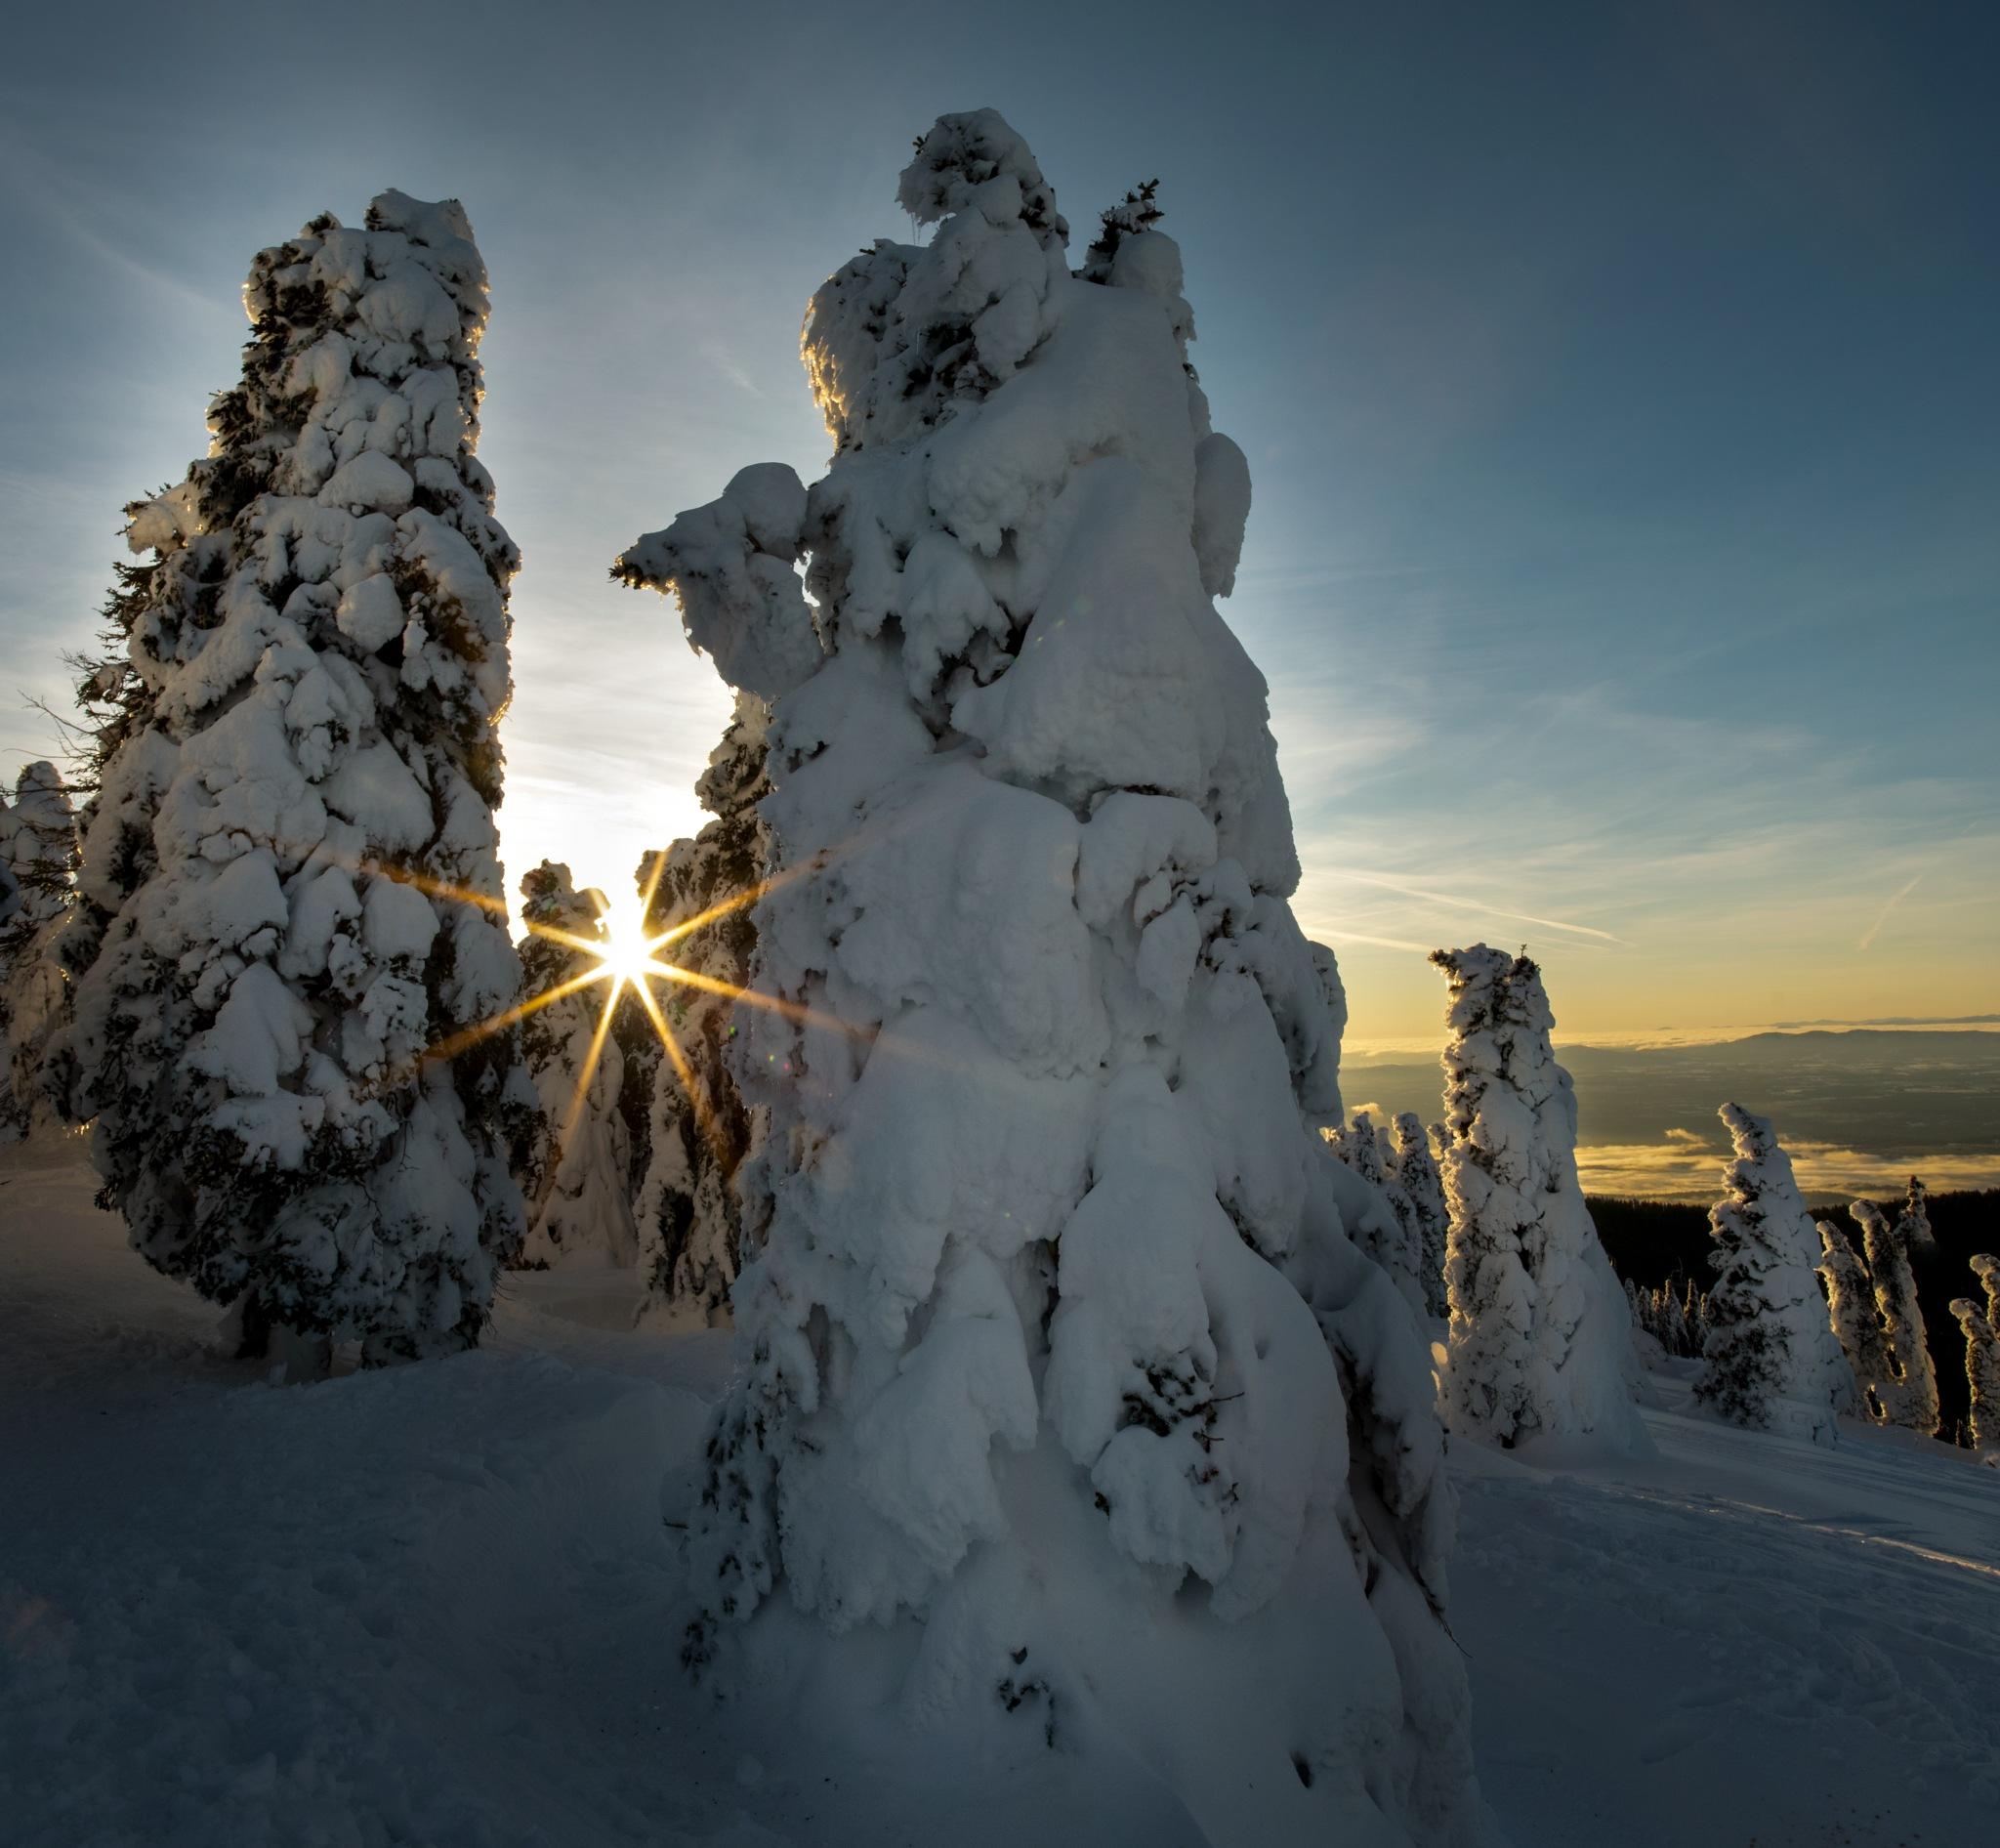 Frozen Trees on Mt Spo by Hayden Hohman